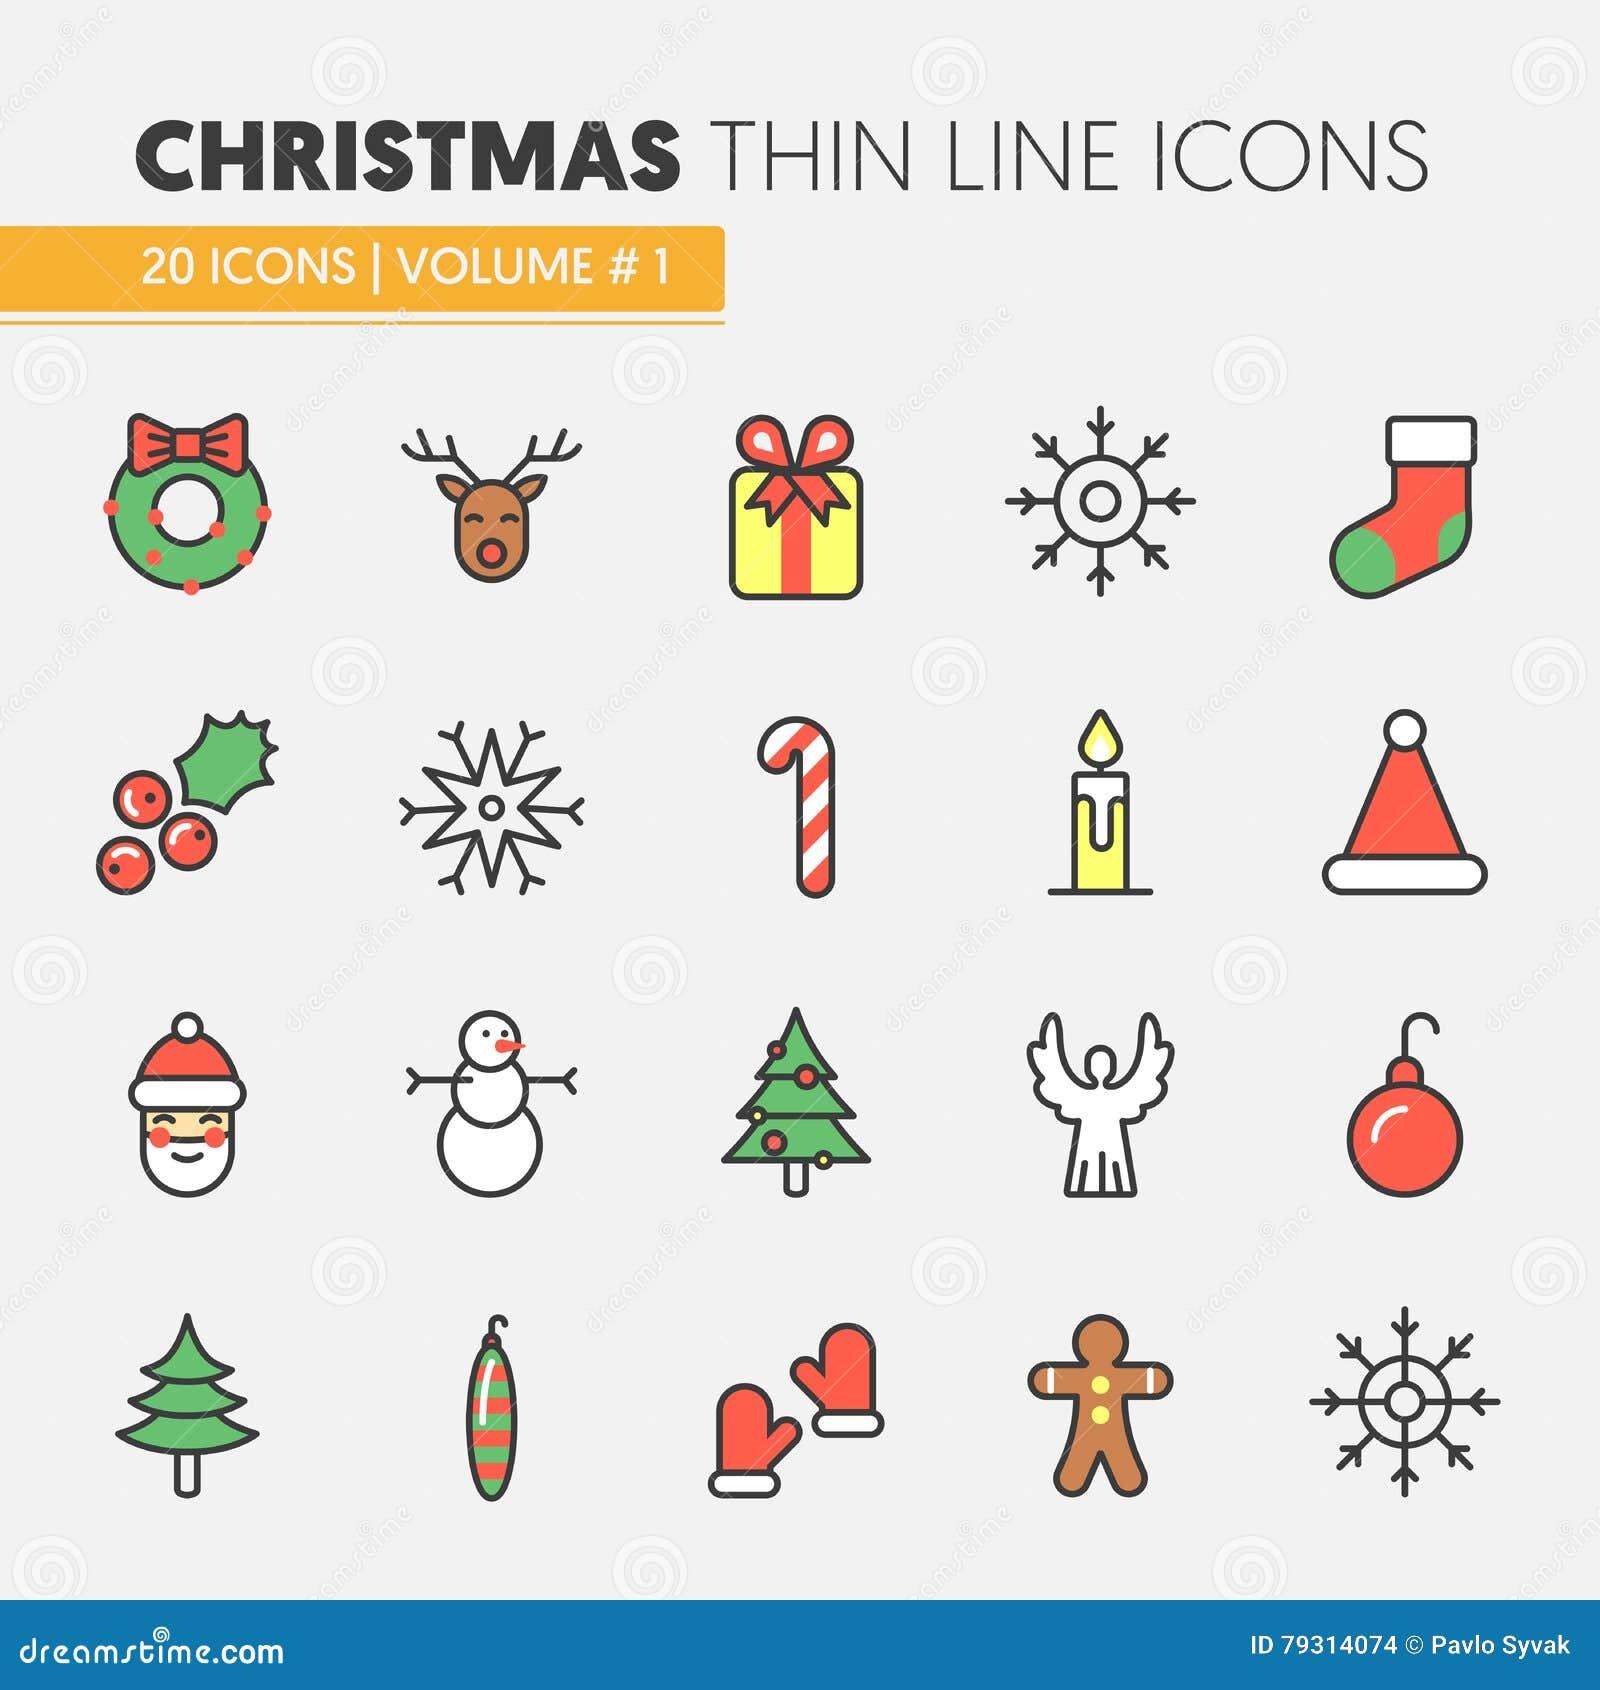 Linha fina ícones do Natal e do ano novo feliz 2017 ajustados com a árvore de Santa Claus Reindeer e de Natal